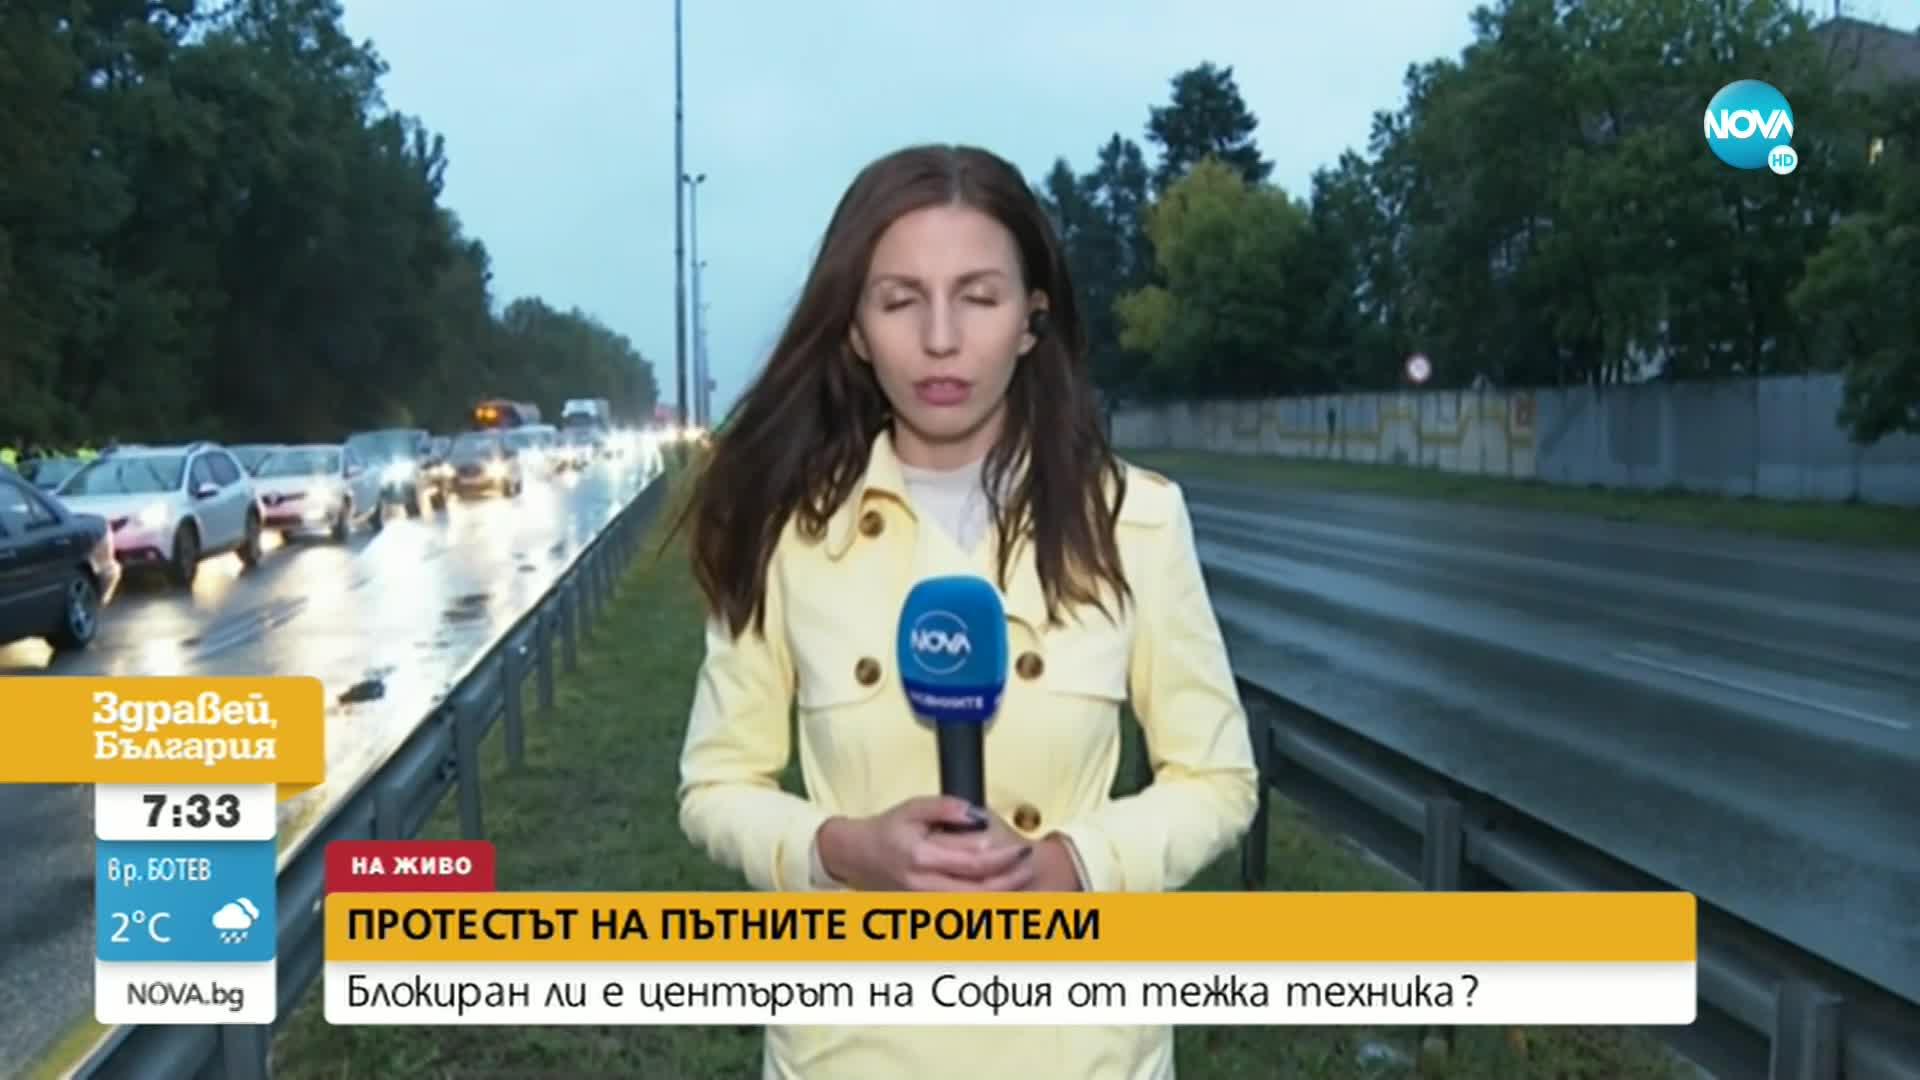 Протестът на пътните строители: Тежка техника се отправи към центъра на София